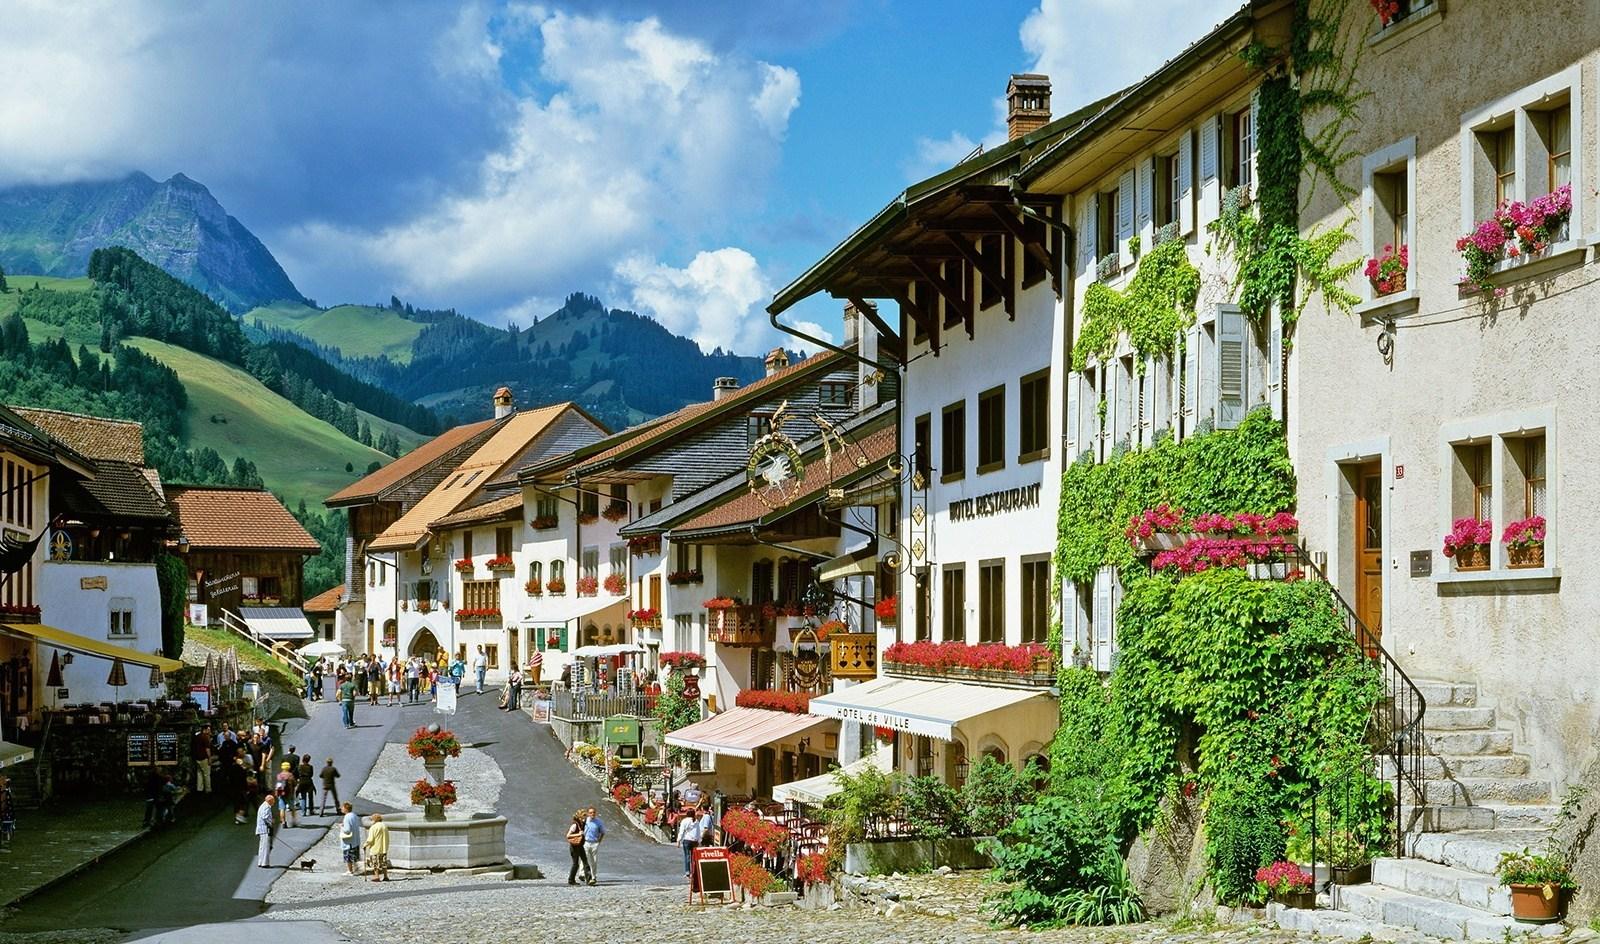 Неделя в Швейцарии (только 3 даты 20.07.19,10.08.19,21.09.19)